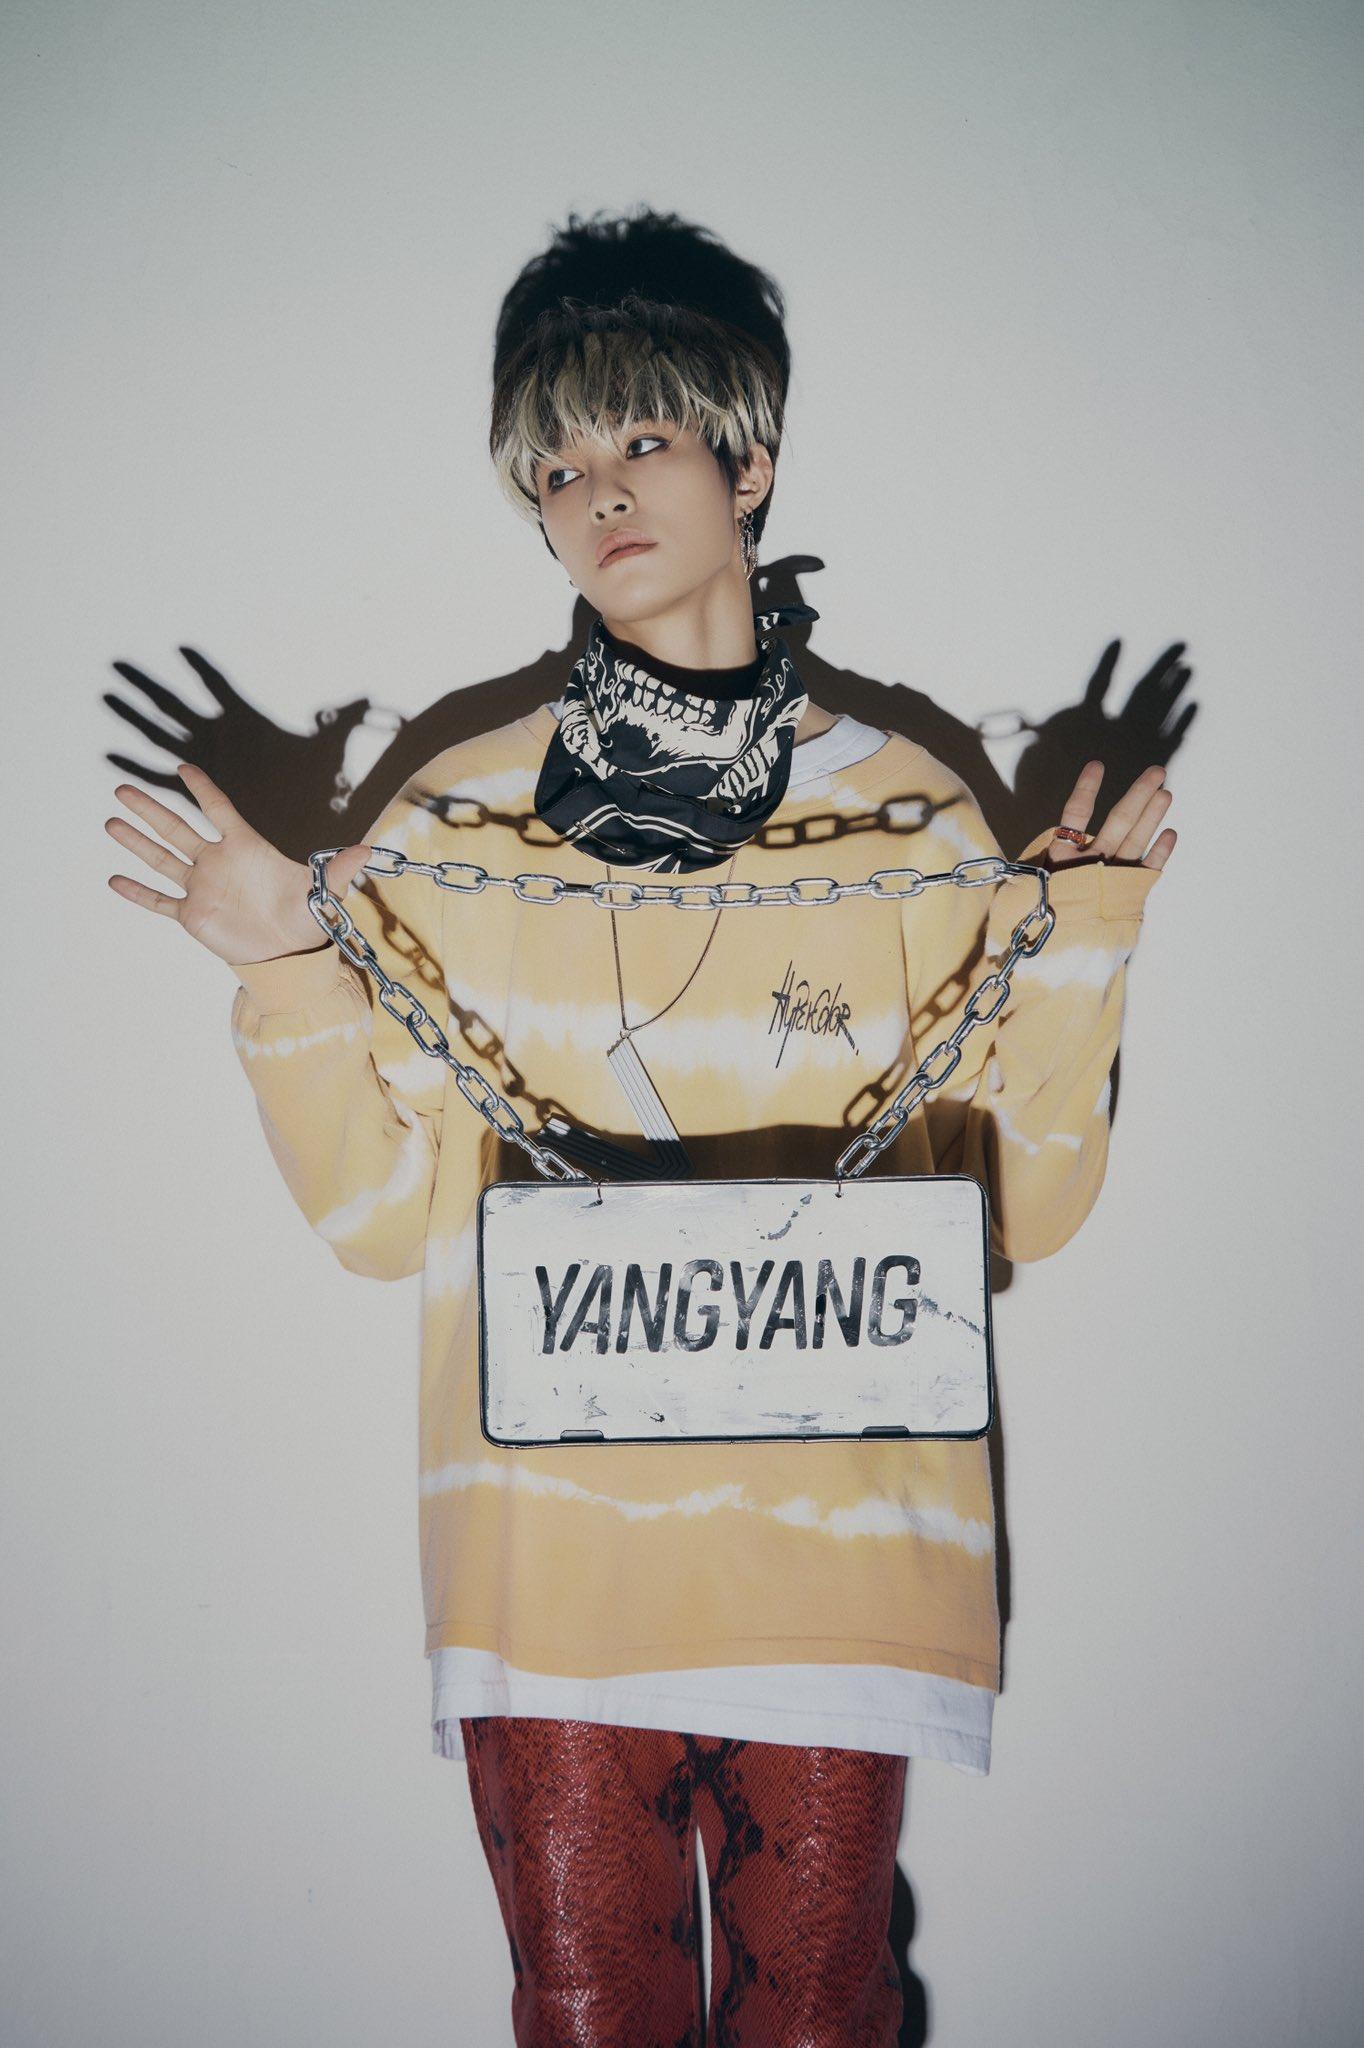 Fy Nct Wayv Awaken The World The 1st Album Yangyang